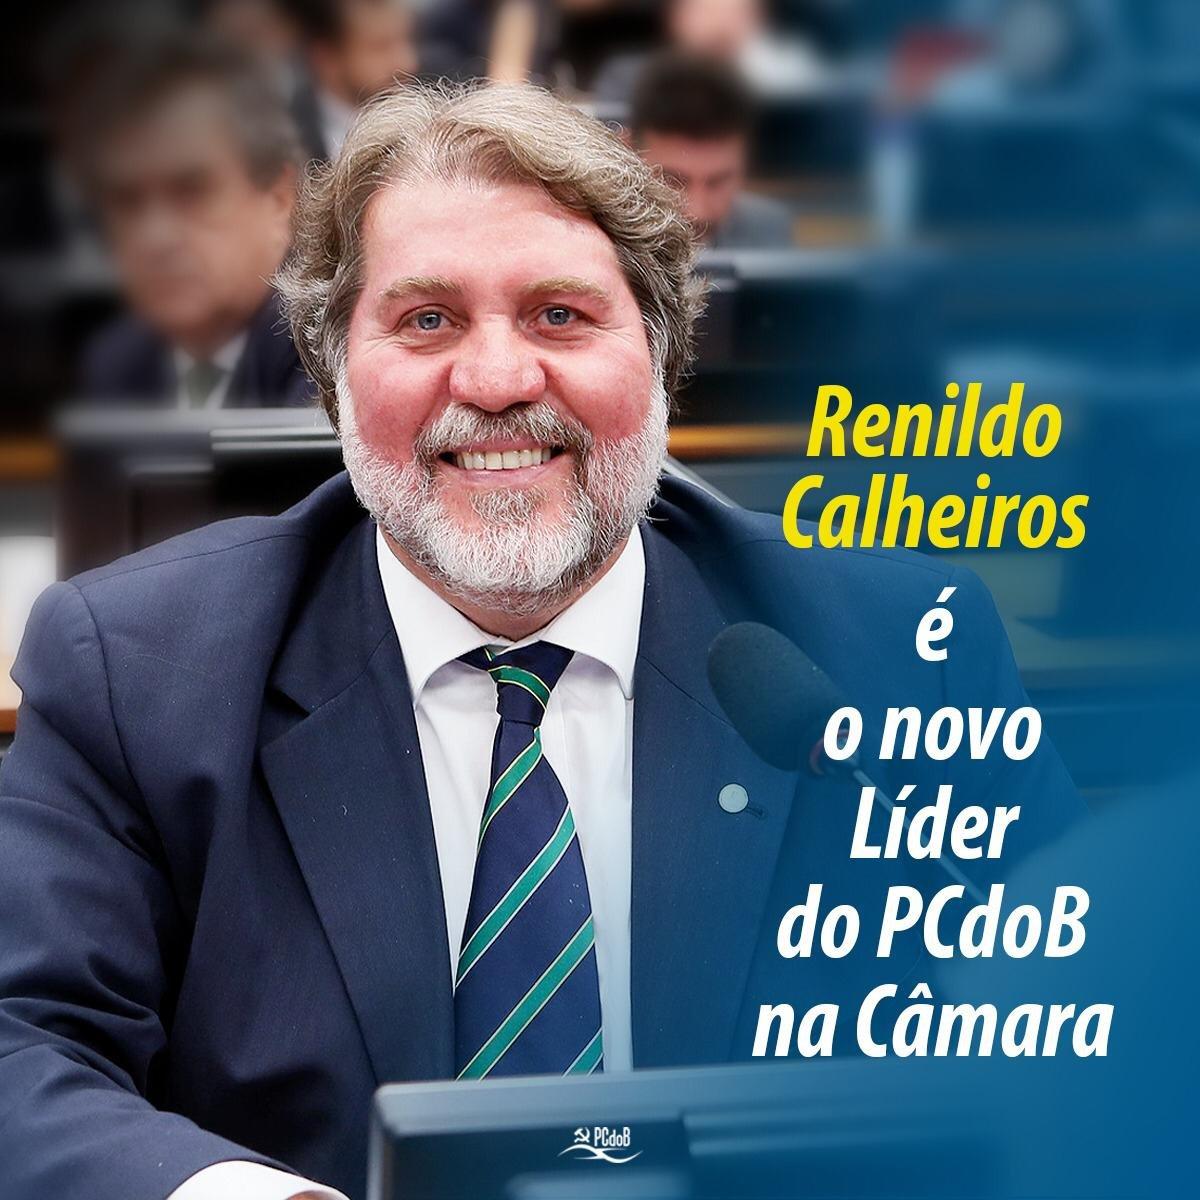 Renildo é novo líder do PCdoB na Câmara em 2021